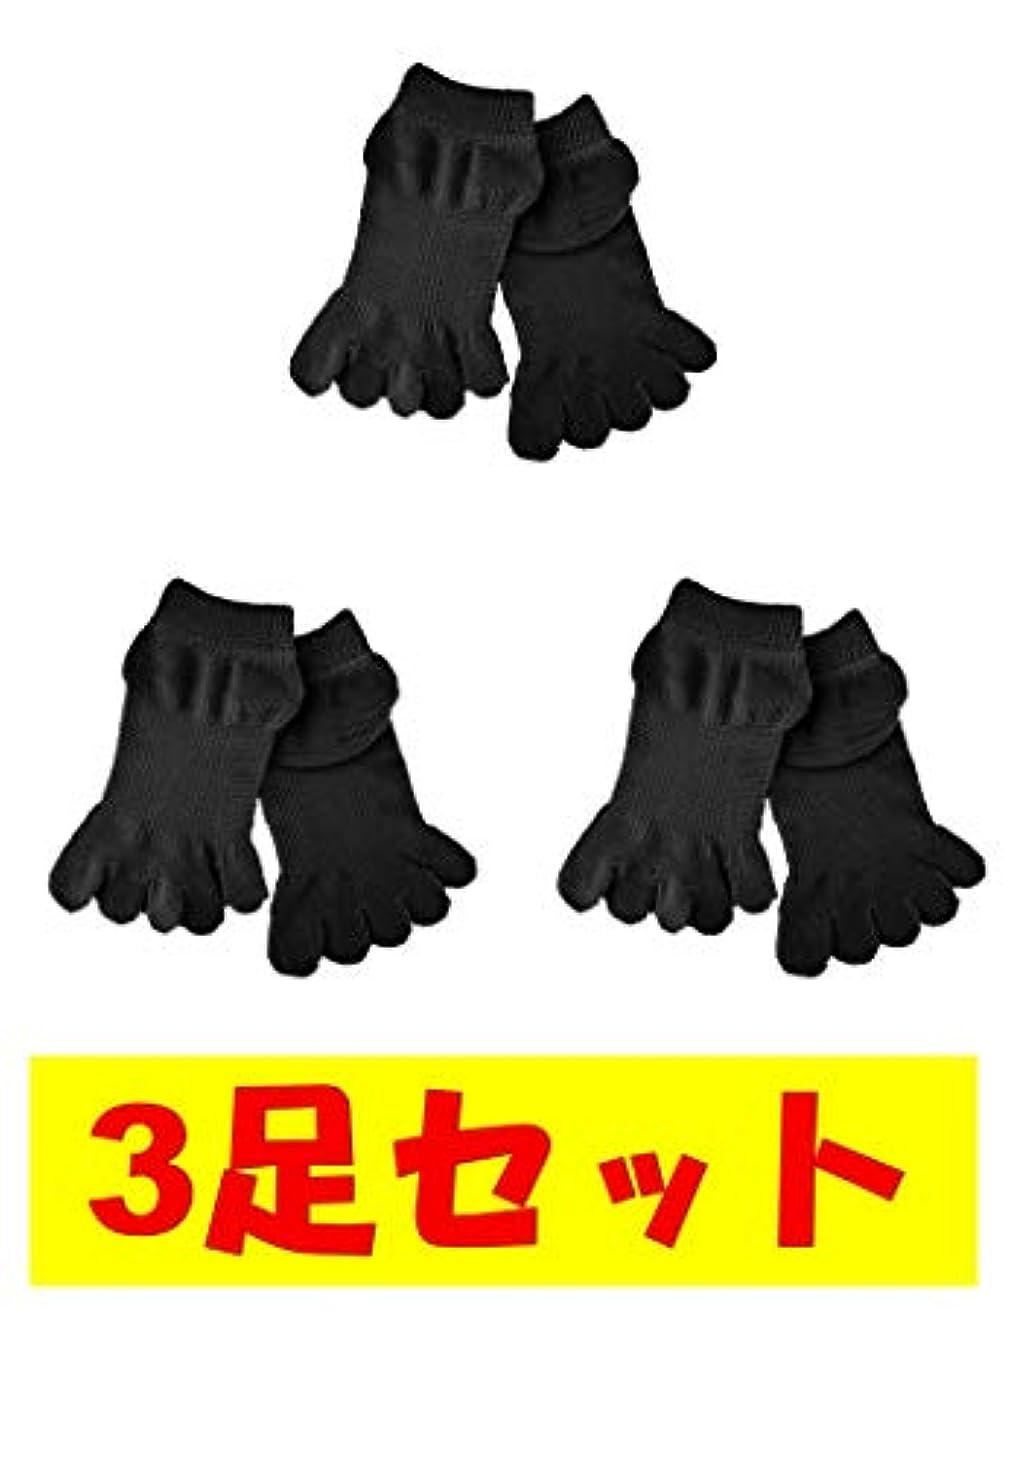 戦争見分ける目の前のお買い得3足セット 5本指 ゆびのばソックス ゆびのば アンクル ブラック Sサイズ 21.0cm-24.0cm YSANKL-BLK